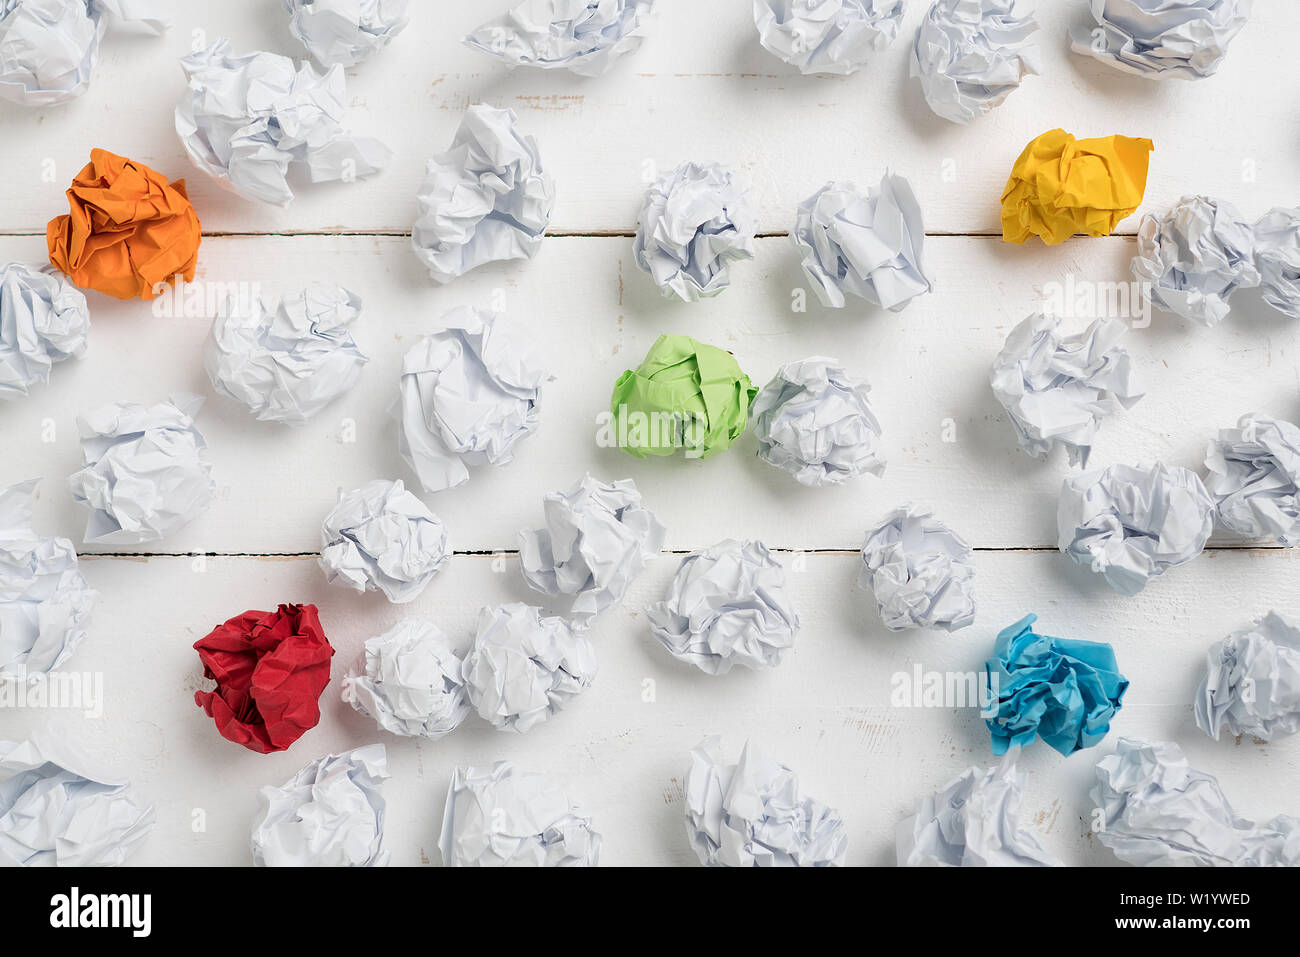 Papier symbolisieren unterschiedliche Lösungen mit einigen ständigen heraus mit einer anderen Farbe zerknittert Stockfoto